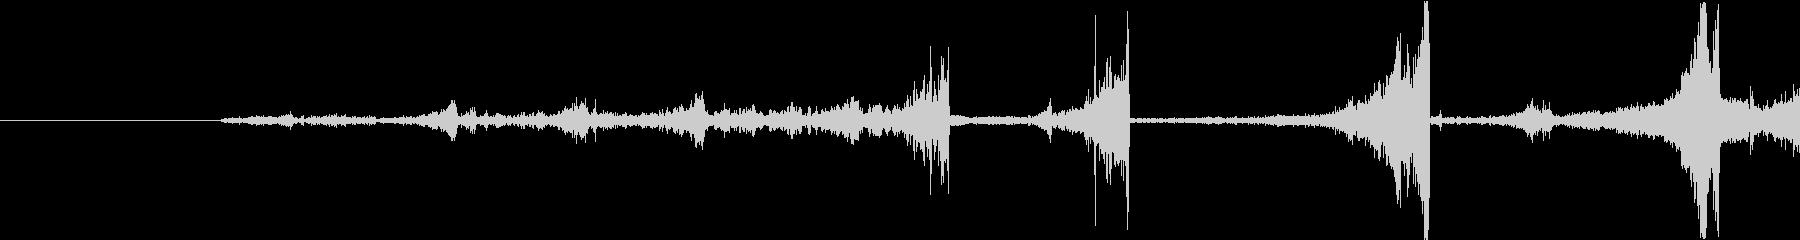 Zap 巻き戻し音・ザップ効果音 2の未再生の波形